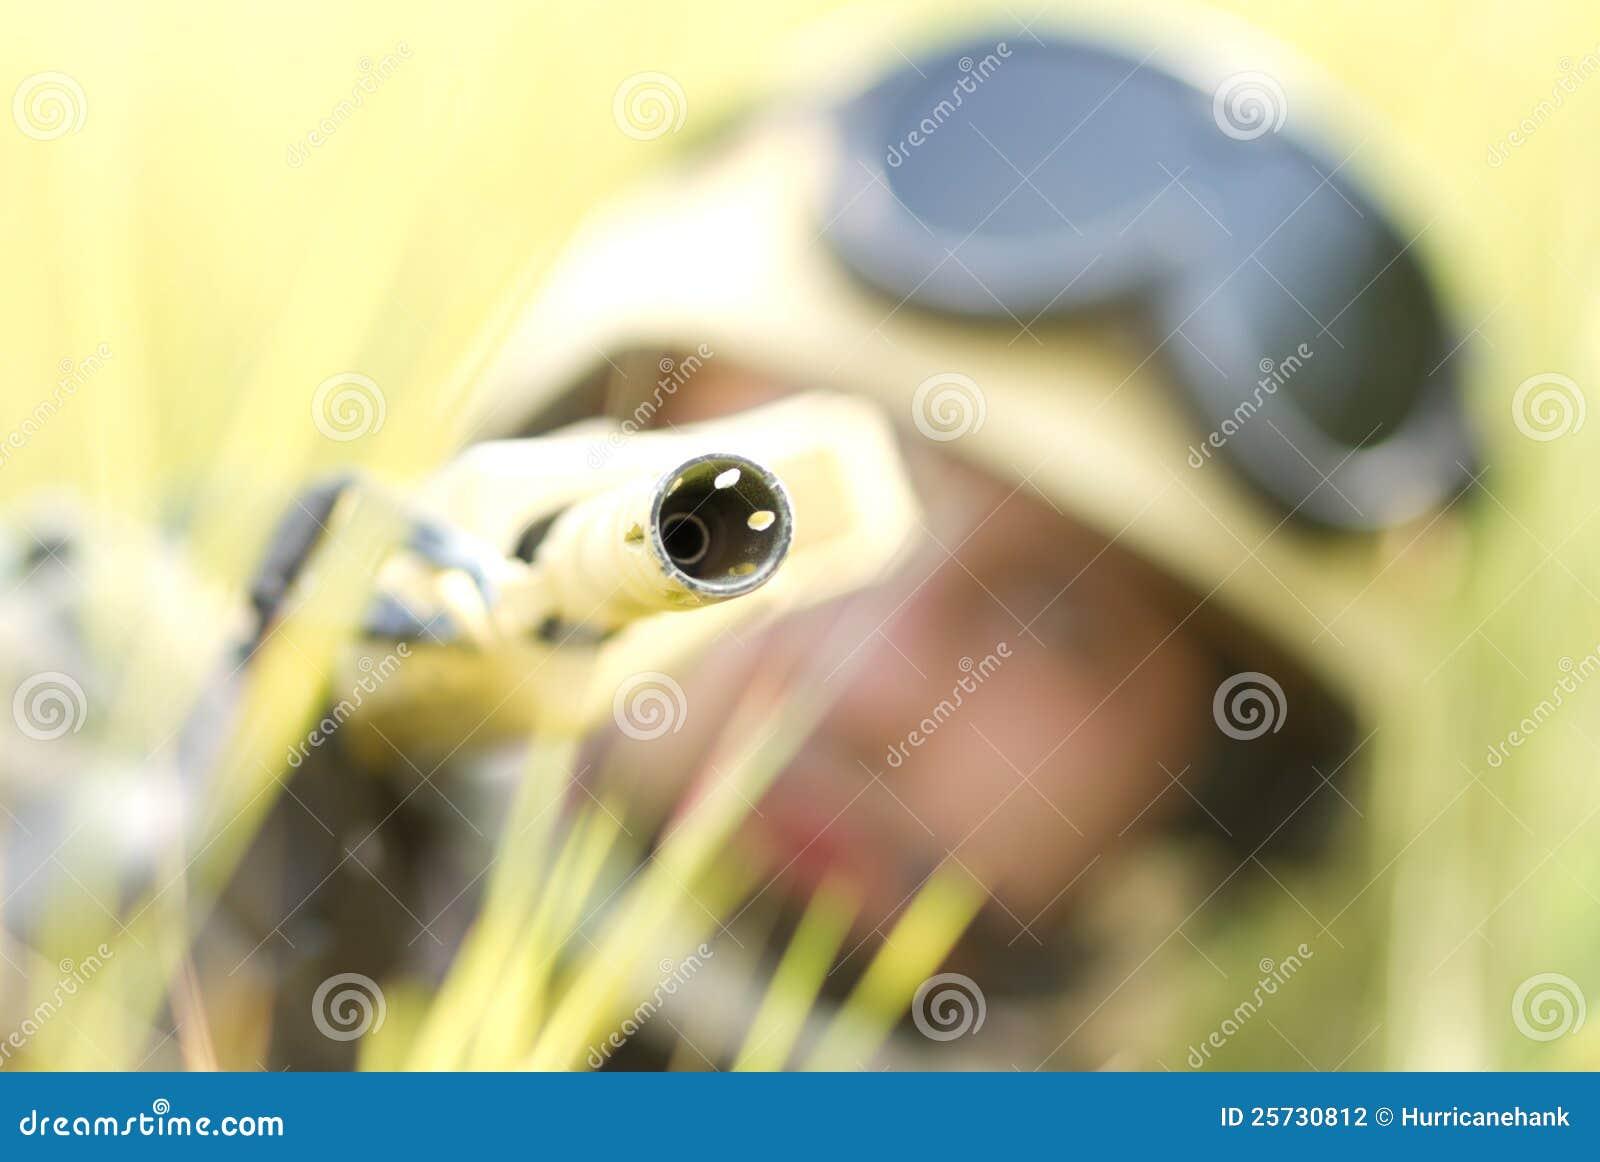 Soldier in helmet targeting with a gun